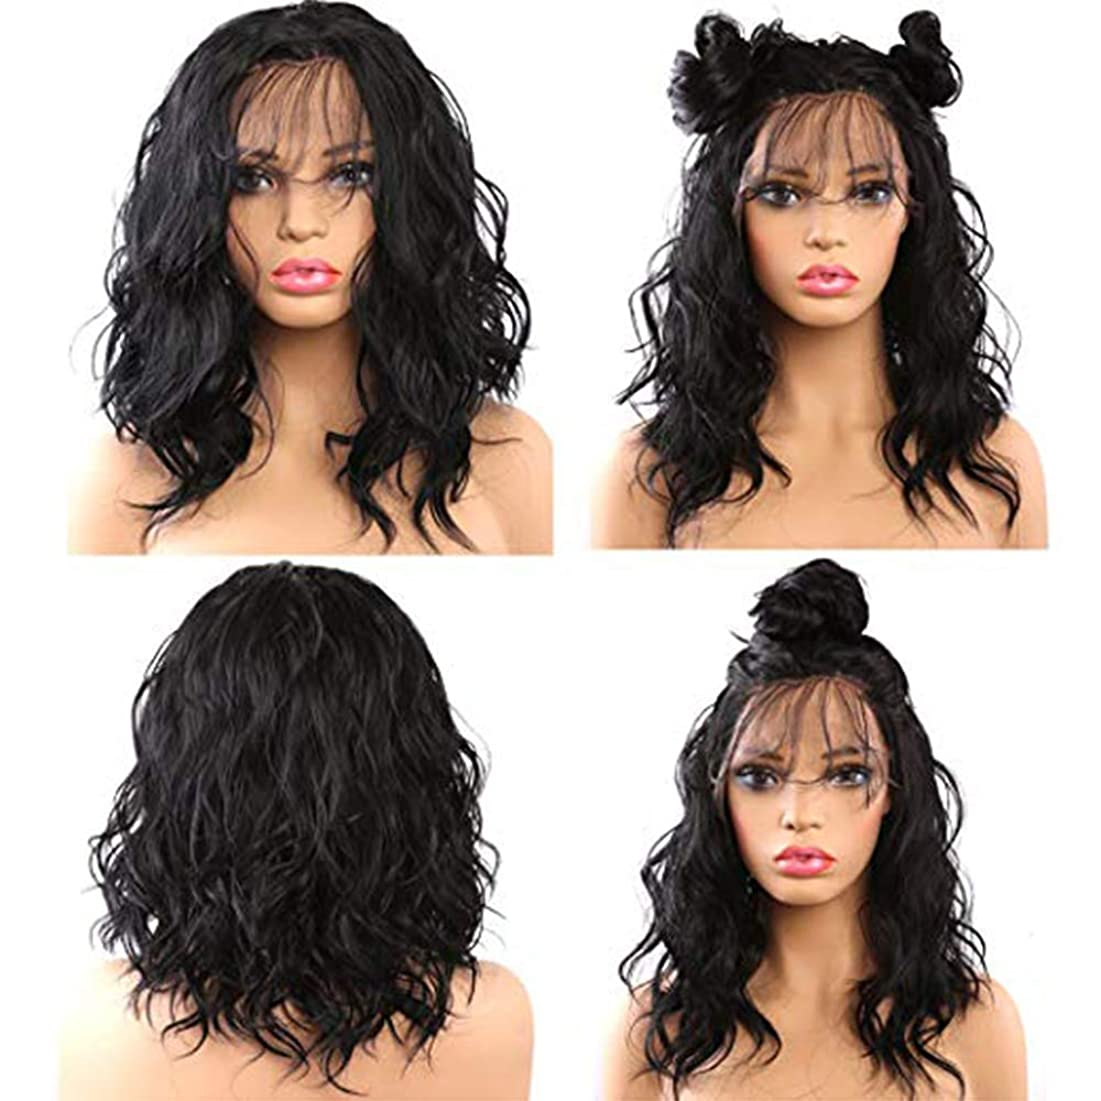 証明書キャビン幻滅する女性用ウィッグ黒フロントレースかつらショートヘア180%密度18インチ